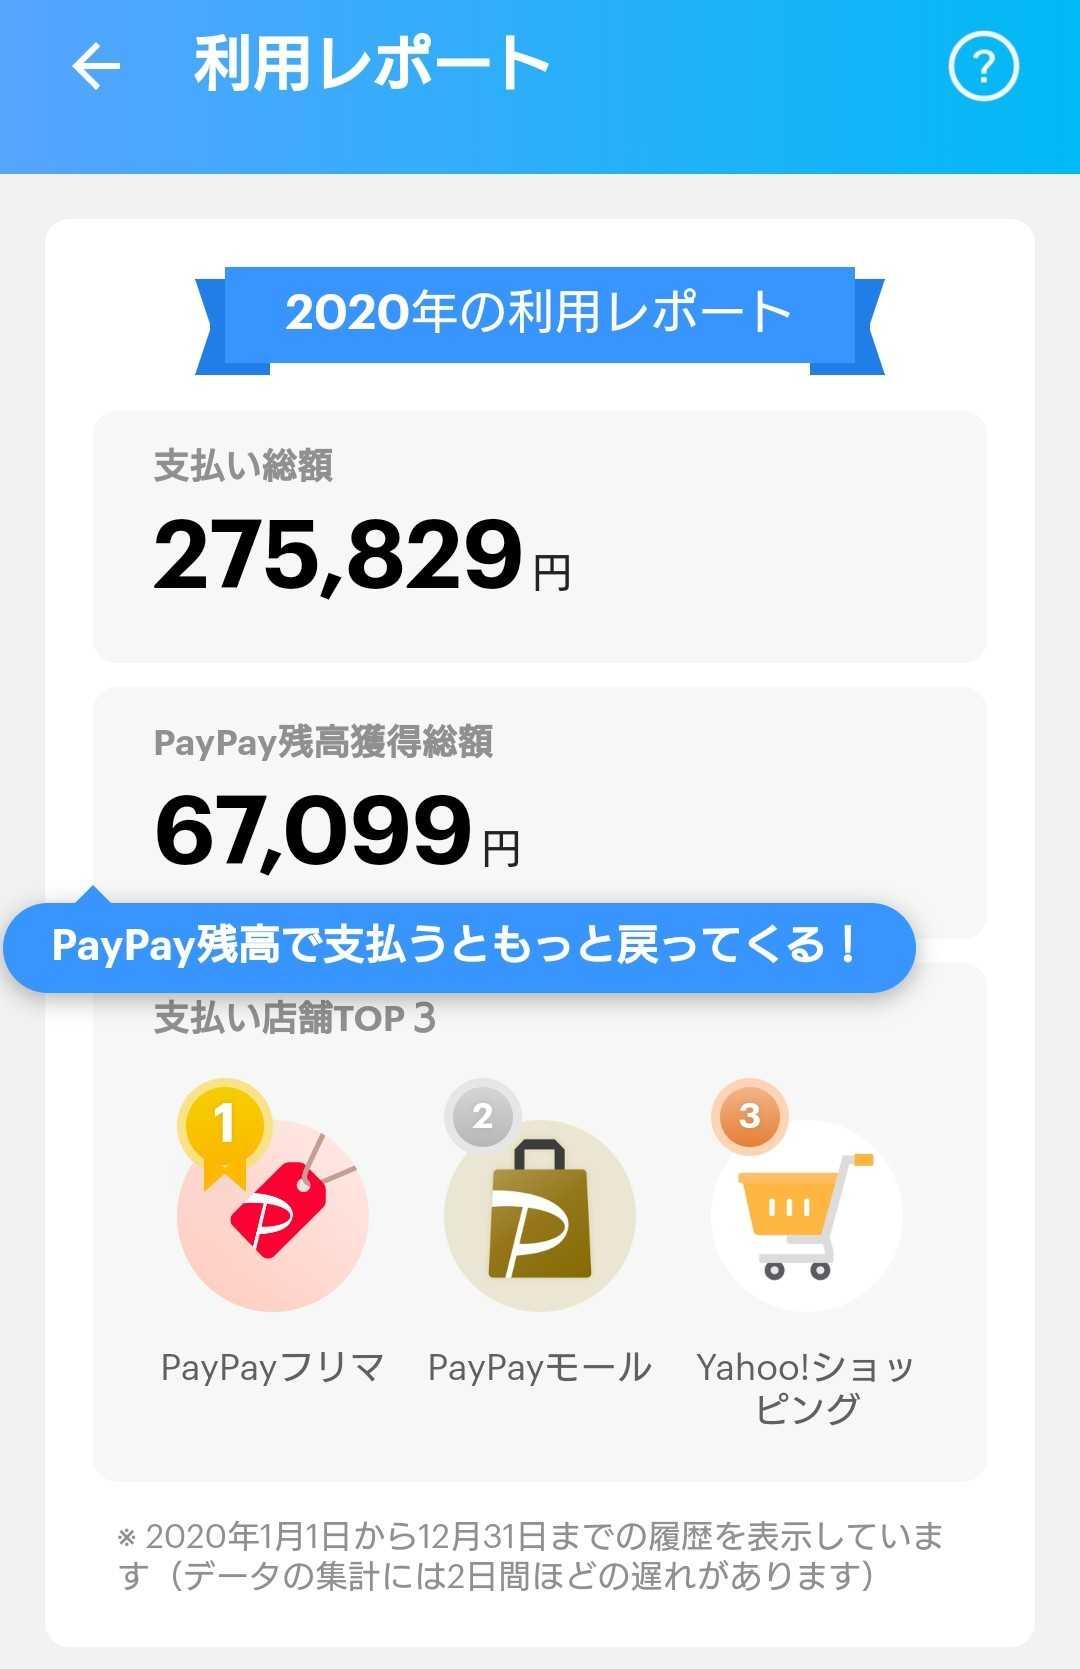 総額 Paypay 残高 獲得